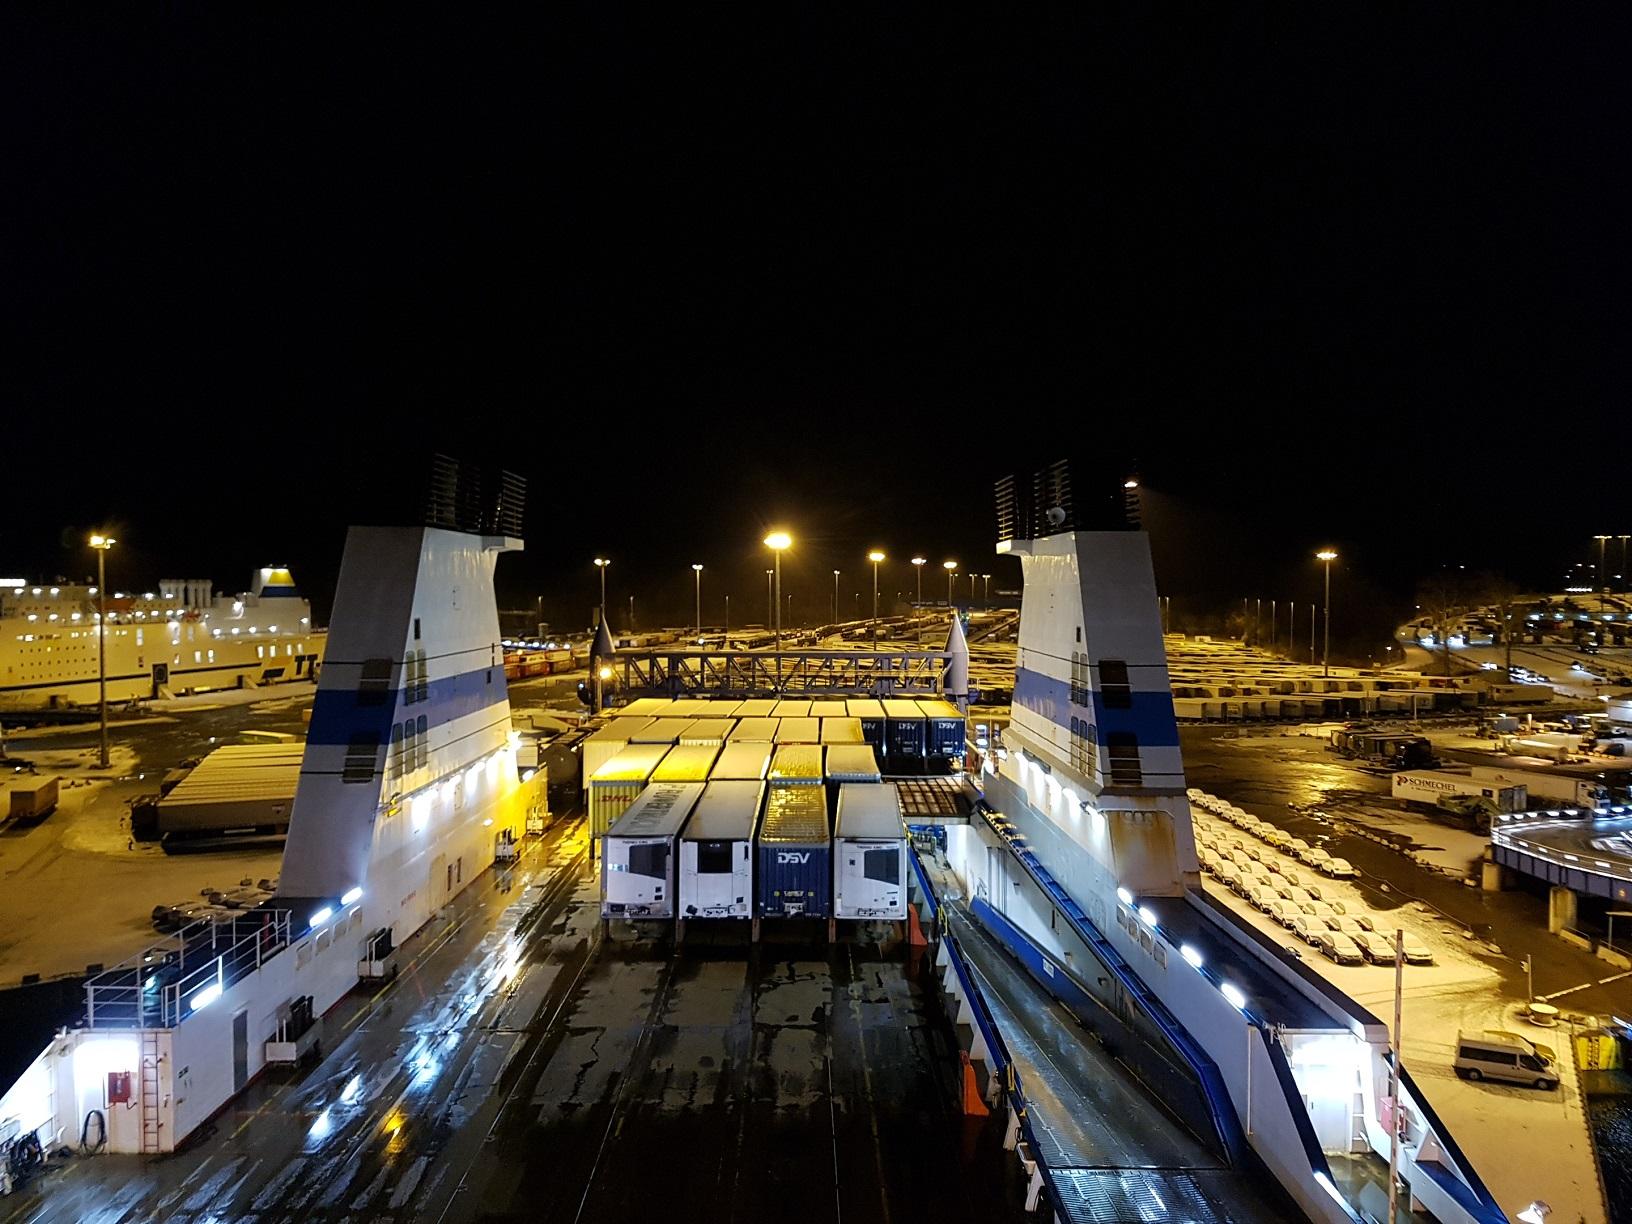 Nächtlicher Blick auf das Frachtdeck der Finnmaid im Hafen von Travemünde.